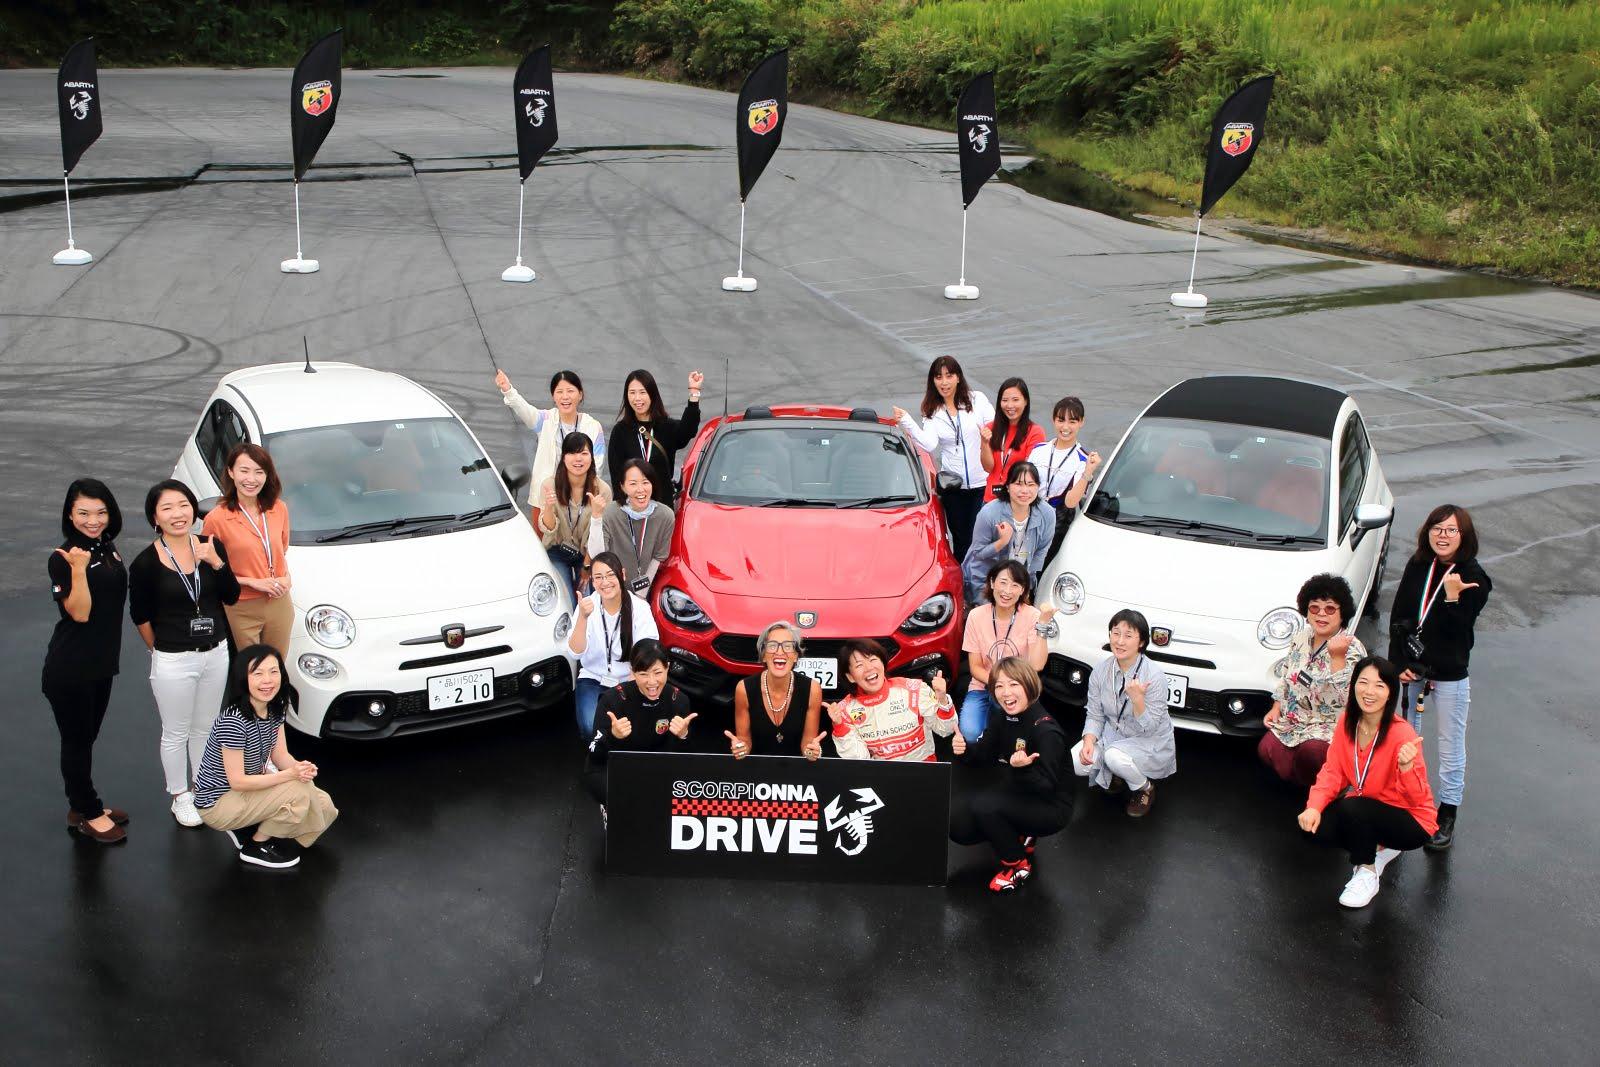 第2回 Scorpionna Drive for Woman 中部・近畿・中国地方の女性たちが名阪スポーツランドに集結